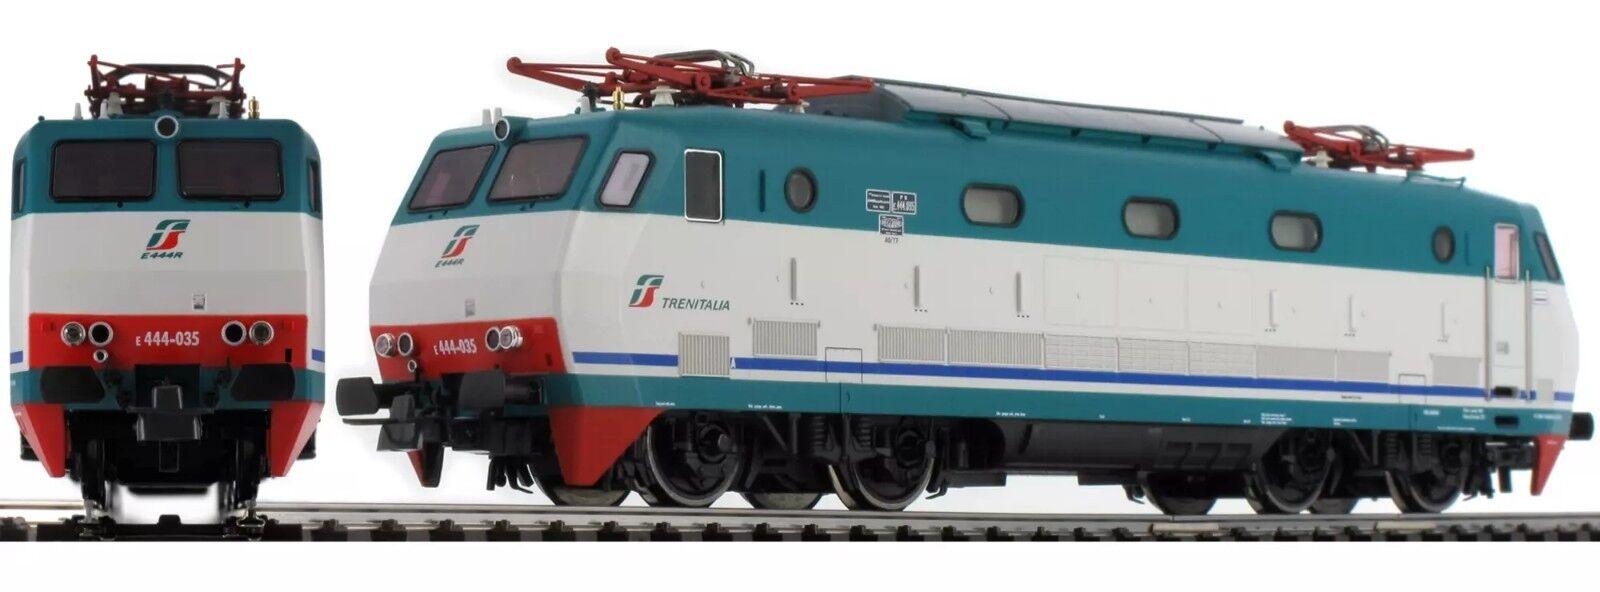 Roco 73349 E444-035 XMPR2 logo Trenitalia green red, FS, DCC SOUND